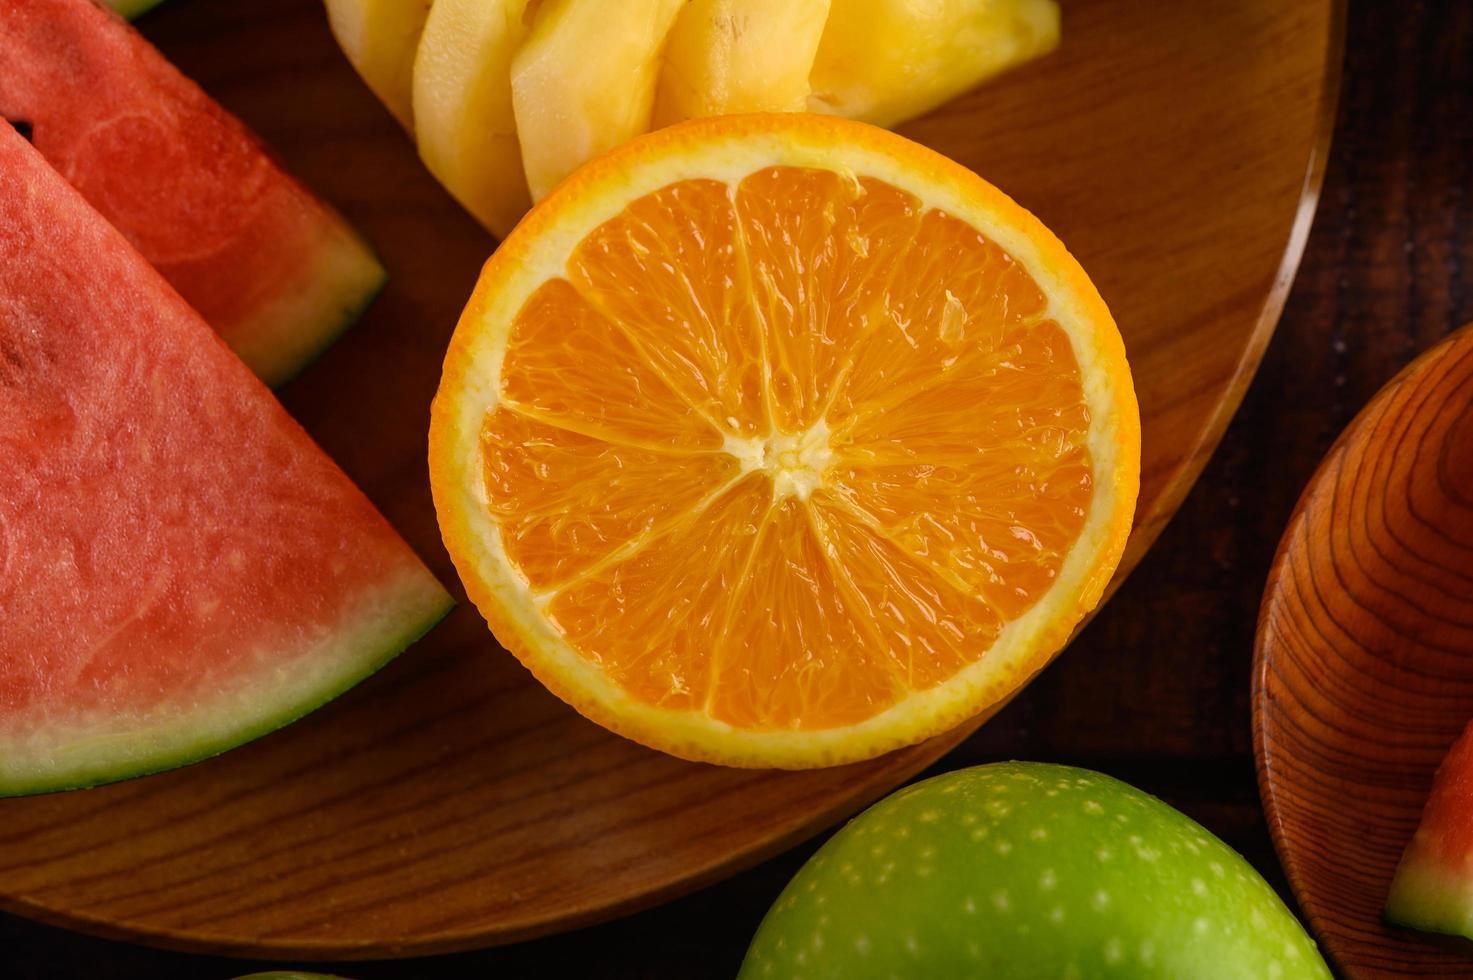 couper les pastèques, les oranges et les ananas photo